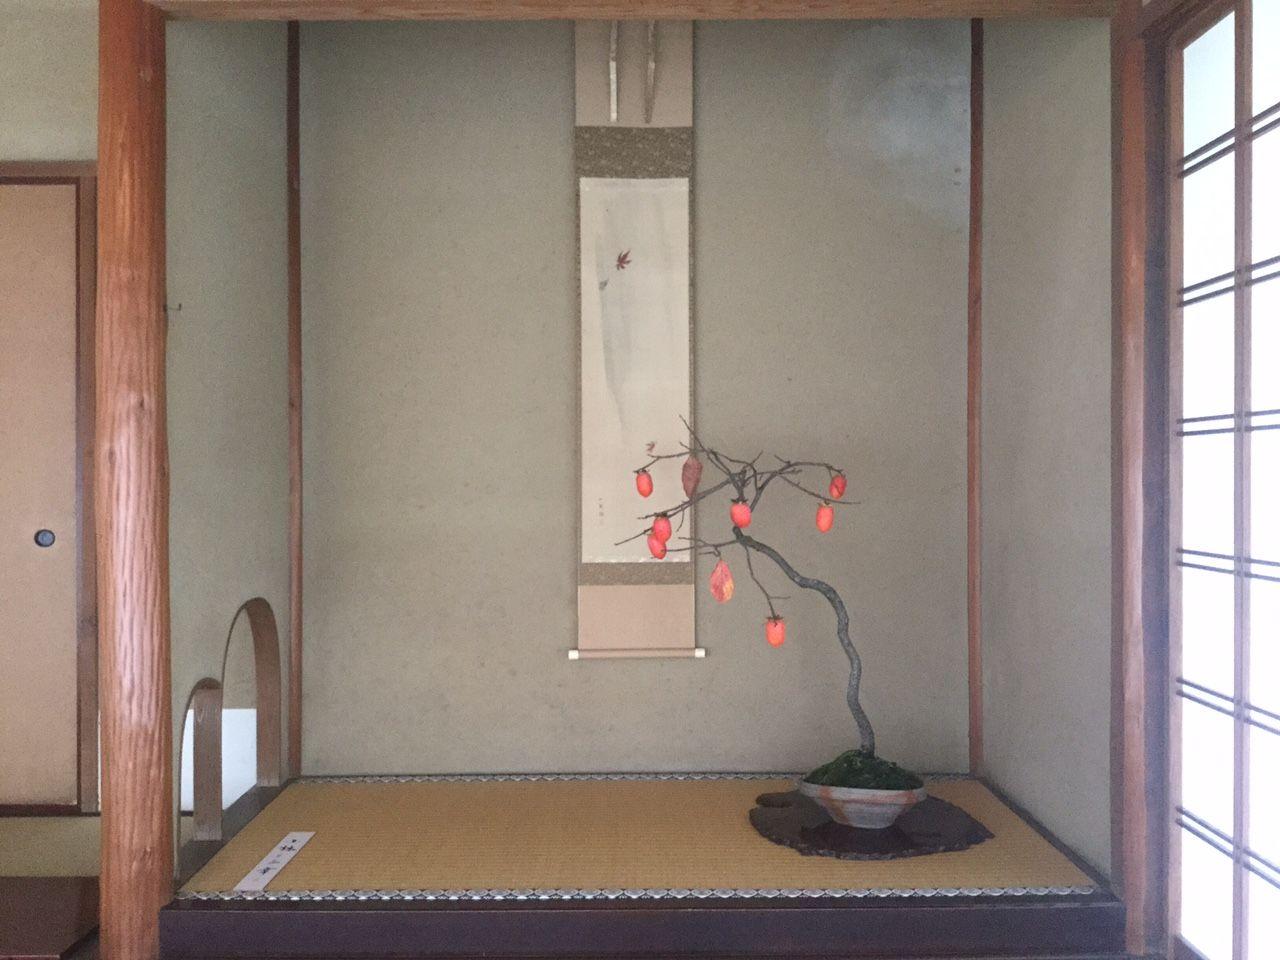 2016 水石飾り 盆栽飾り 山柿の一席